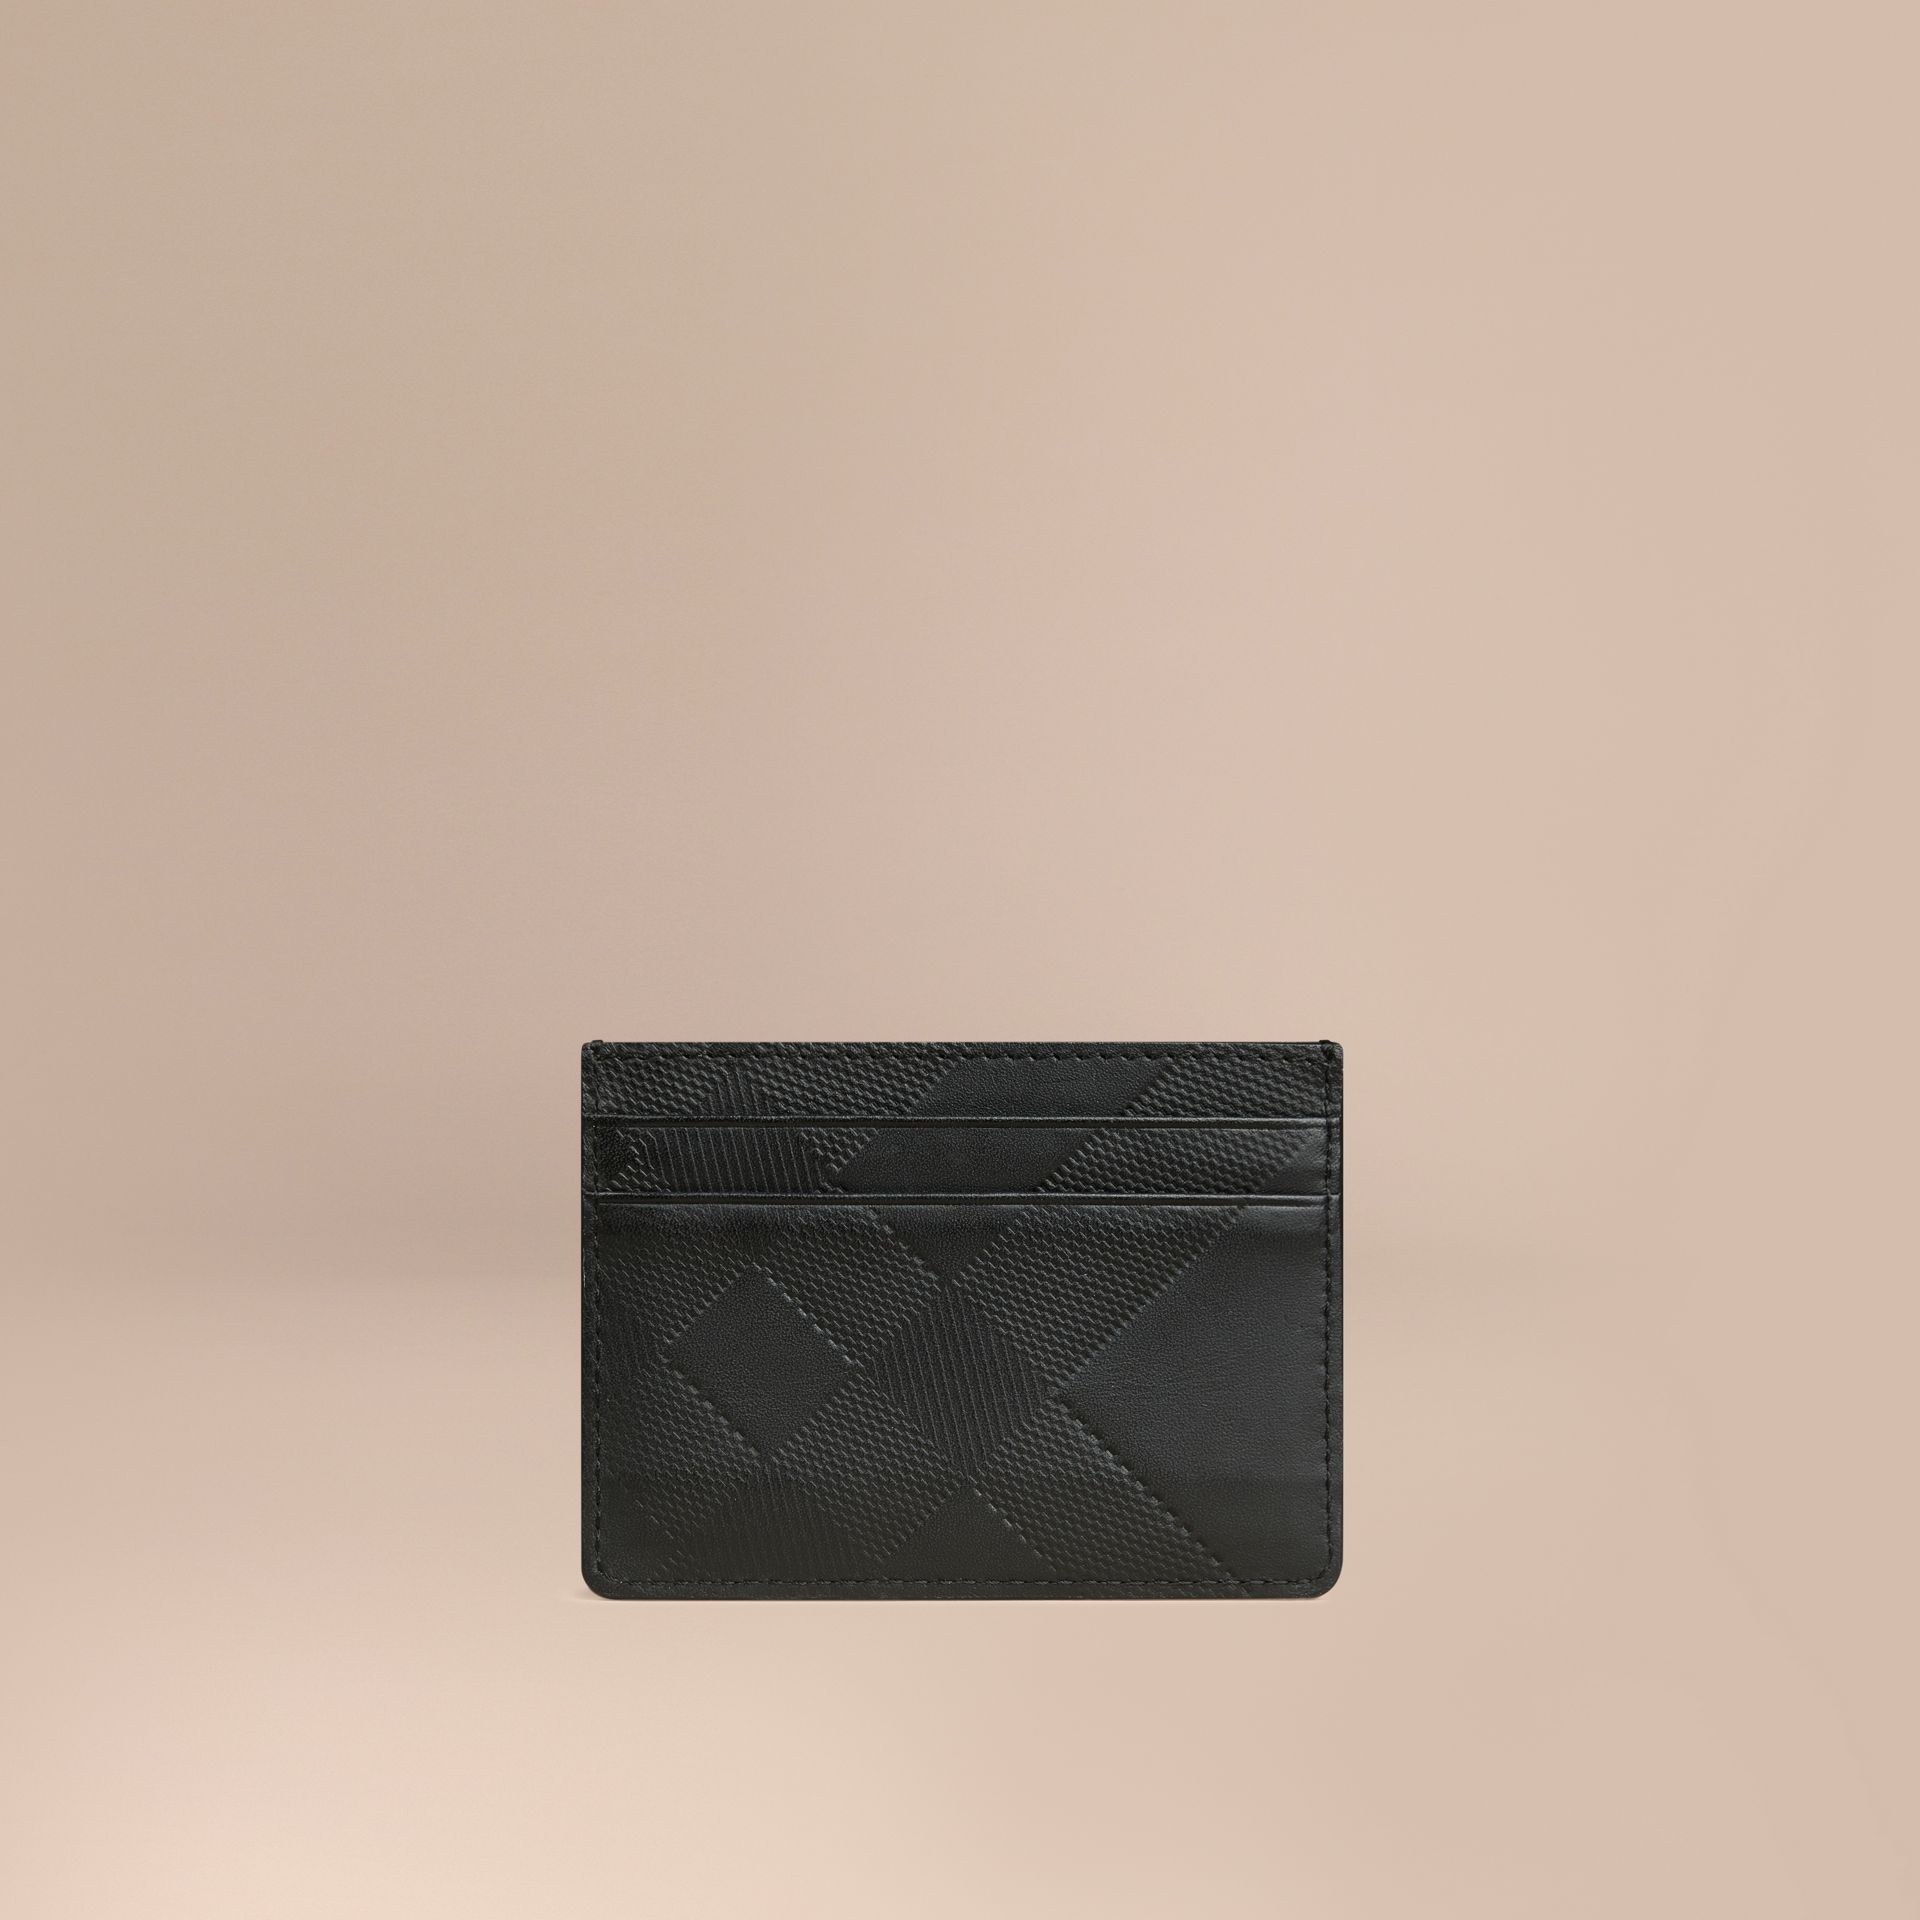 Noir Porte-cartes en cuir à motif check en relief Noir - photo de la galerie 1